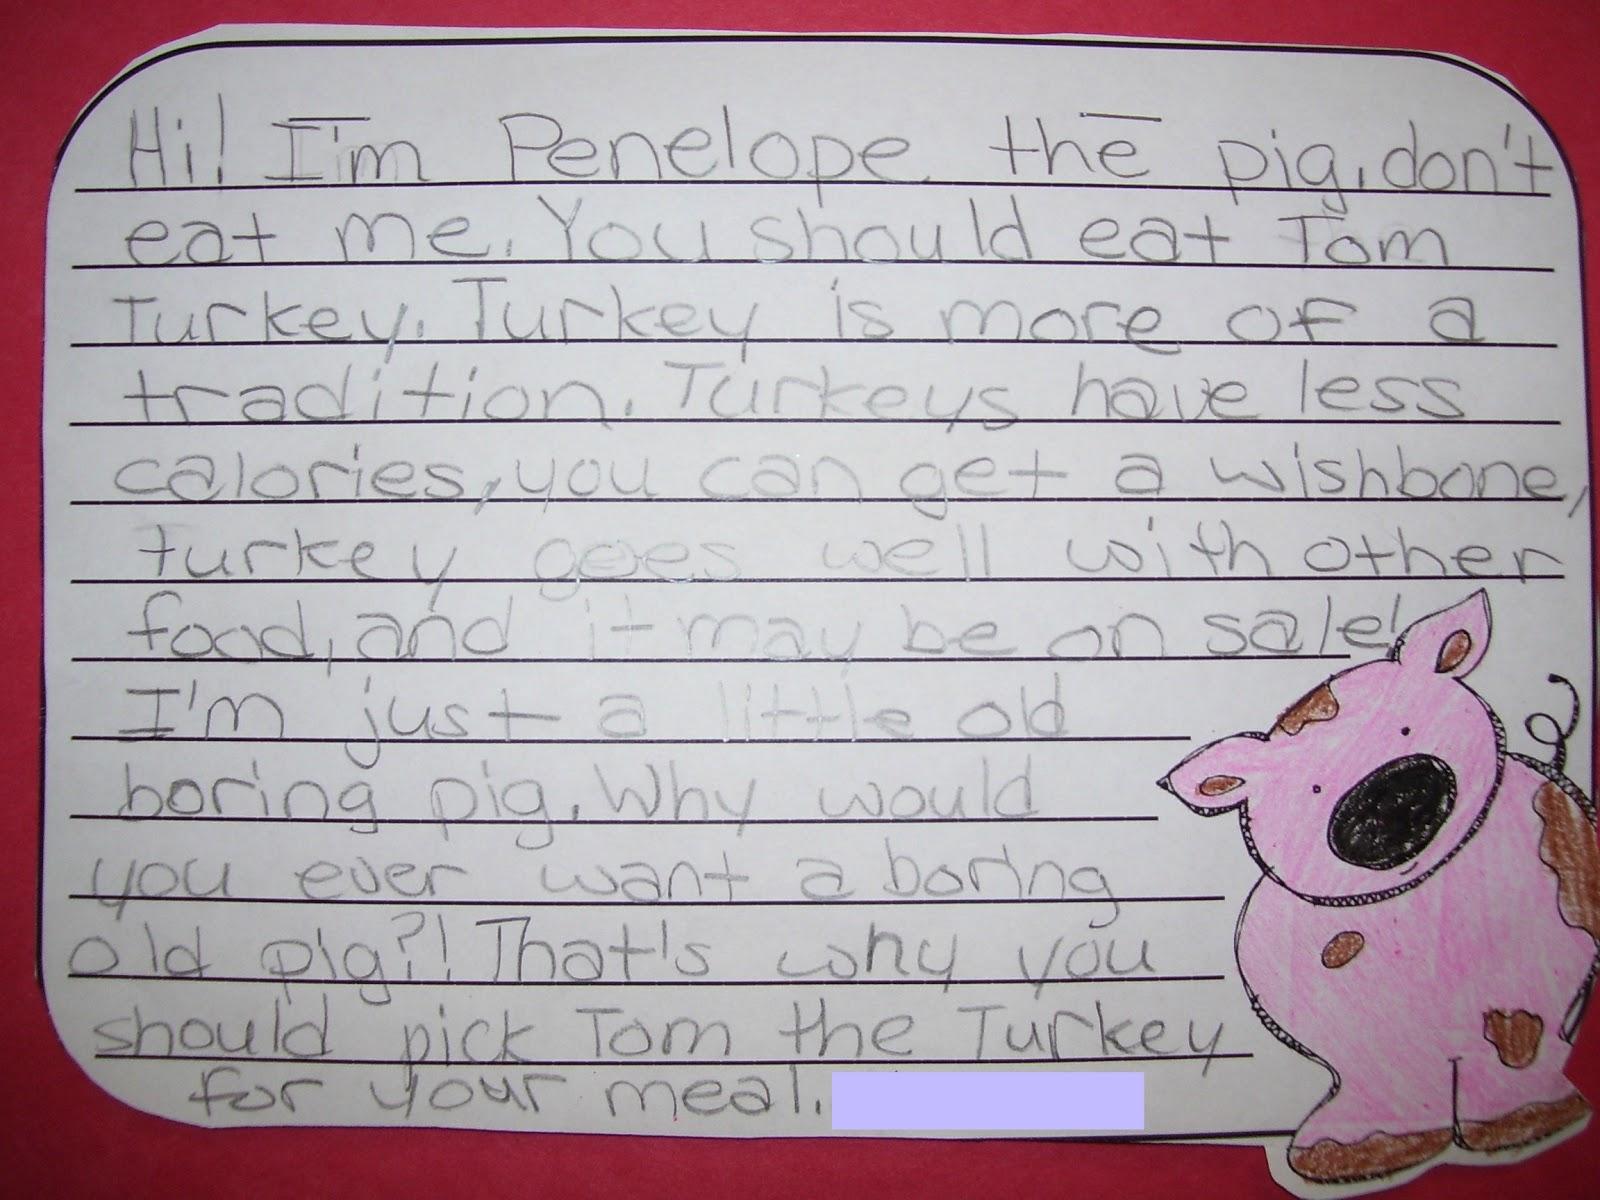 Writing about turkey